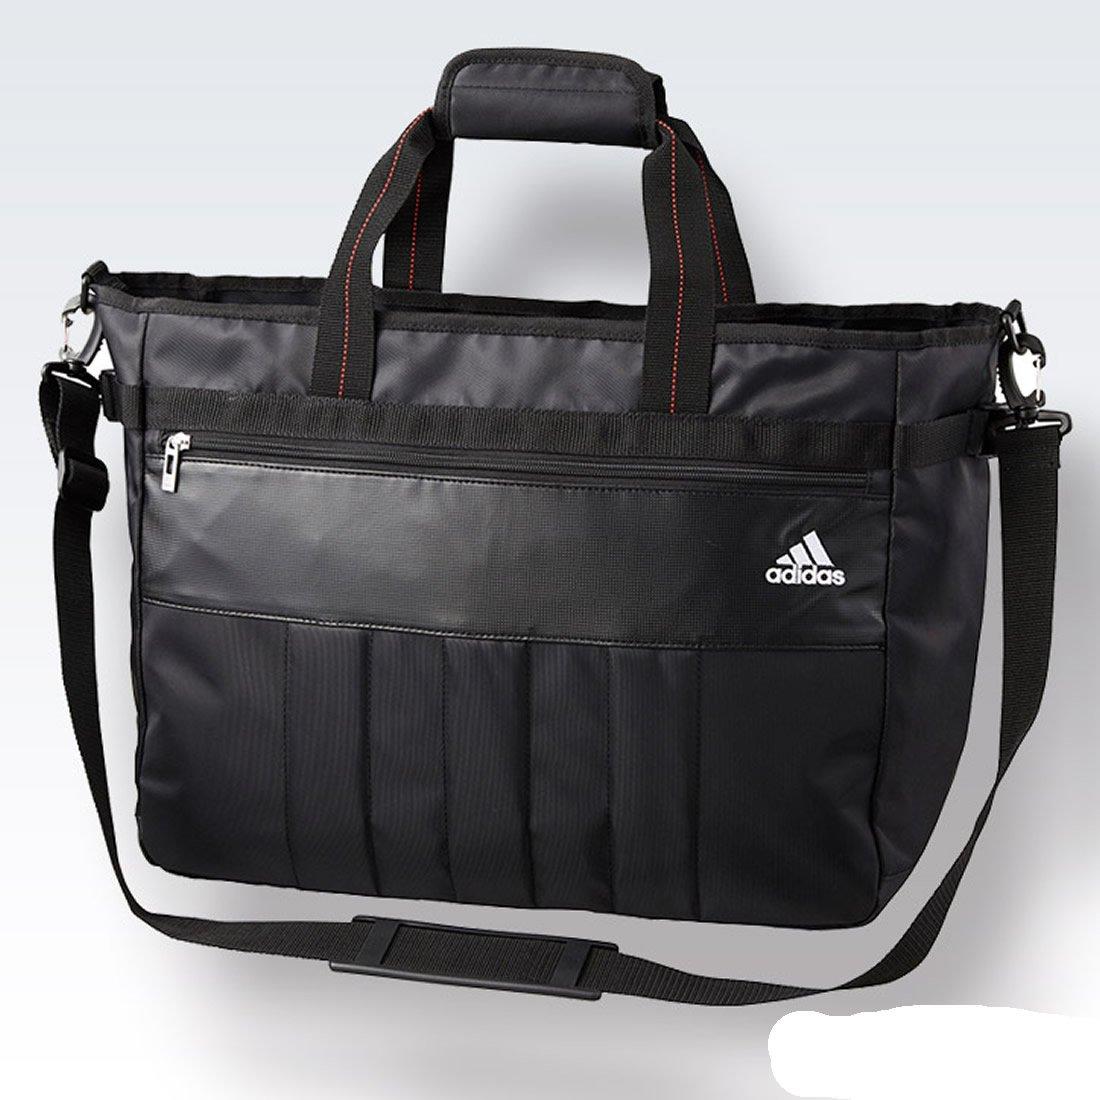 【エンタメプレゼント マーカー付セット】アディダス ゴルフ トートバッグ4 ブラック adidas Golf AWR94[ゴルフ用品 グッズ ギフト プレゼント] B06Y27LH2M  ブラック(A1023501)